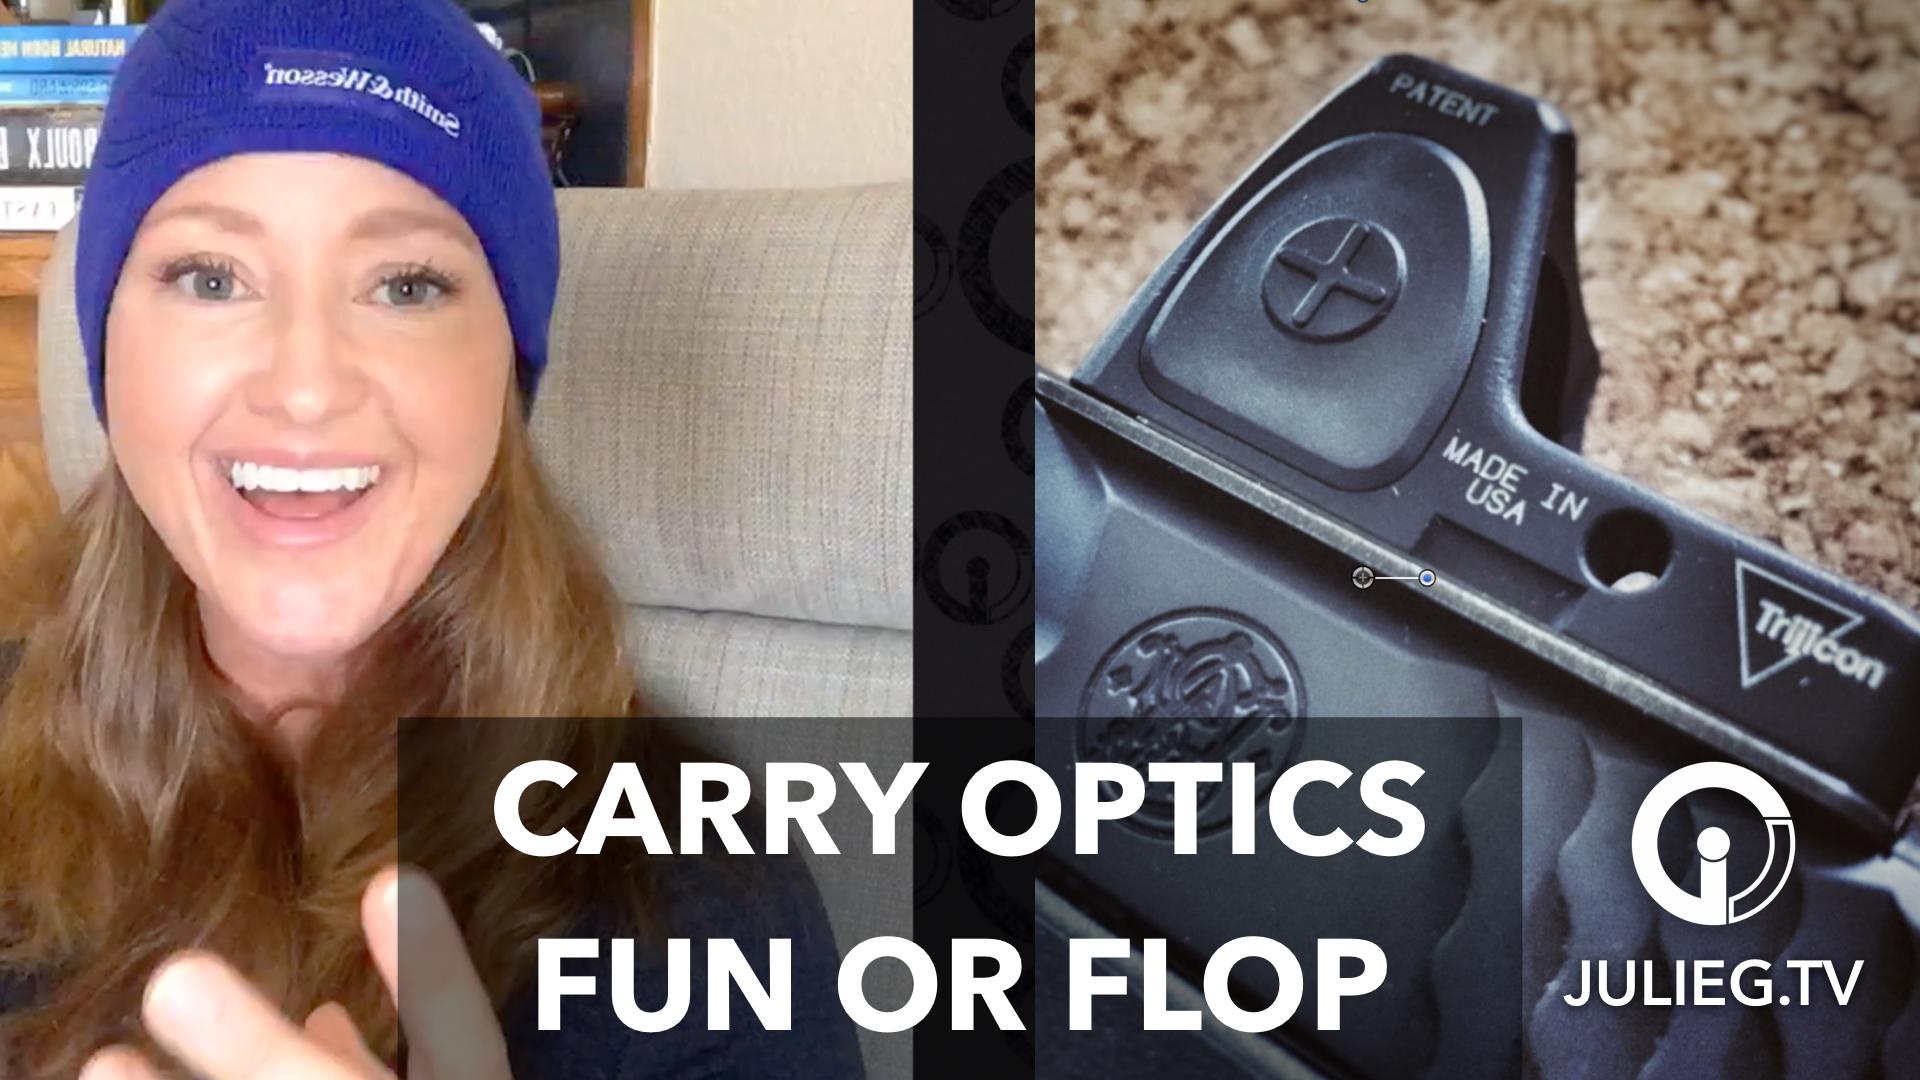 Carry Optics & USPSA Area 3 | Julie.TV